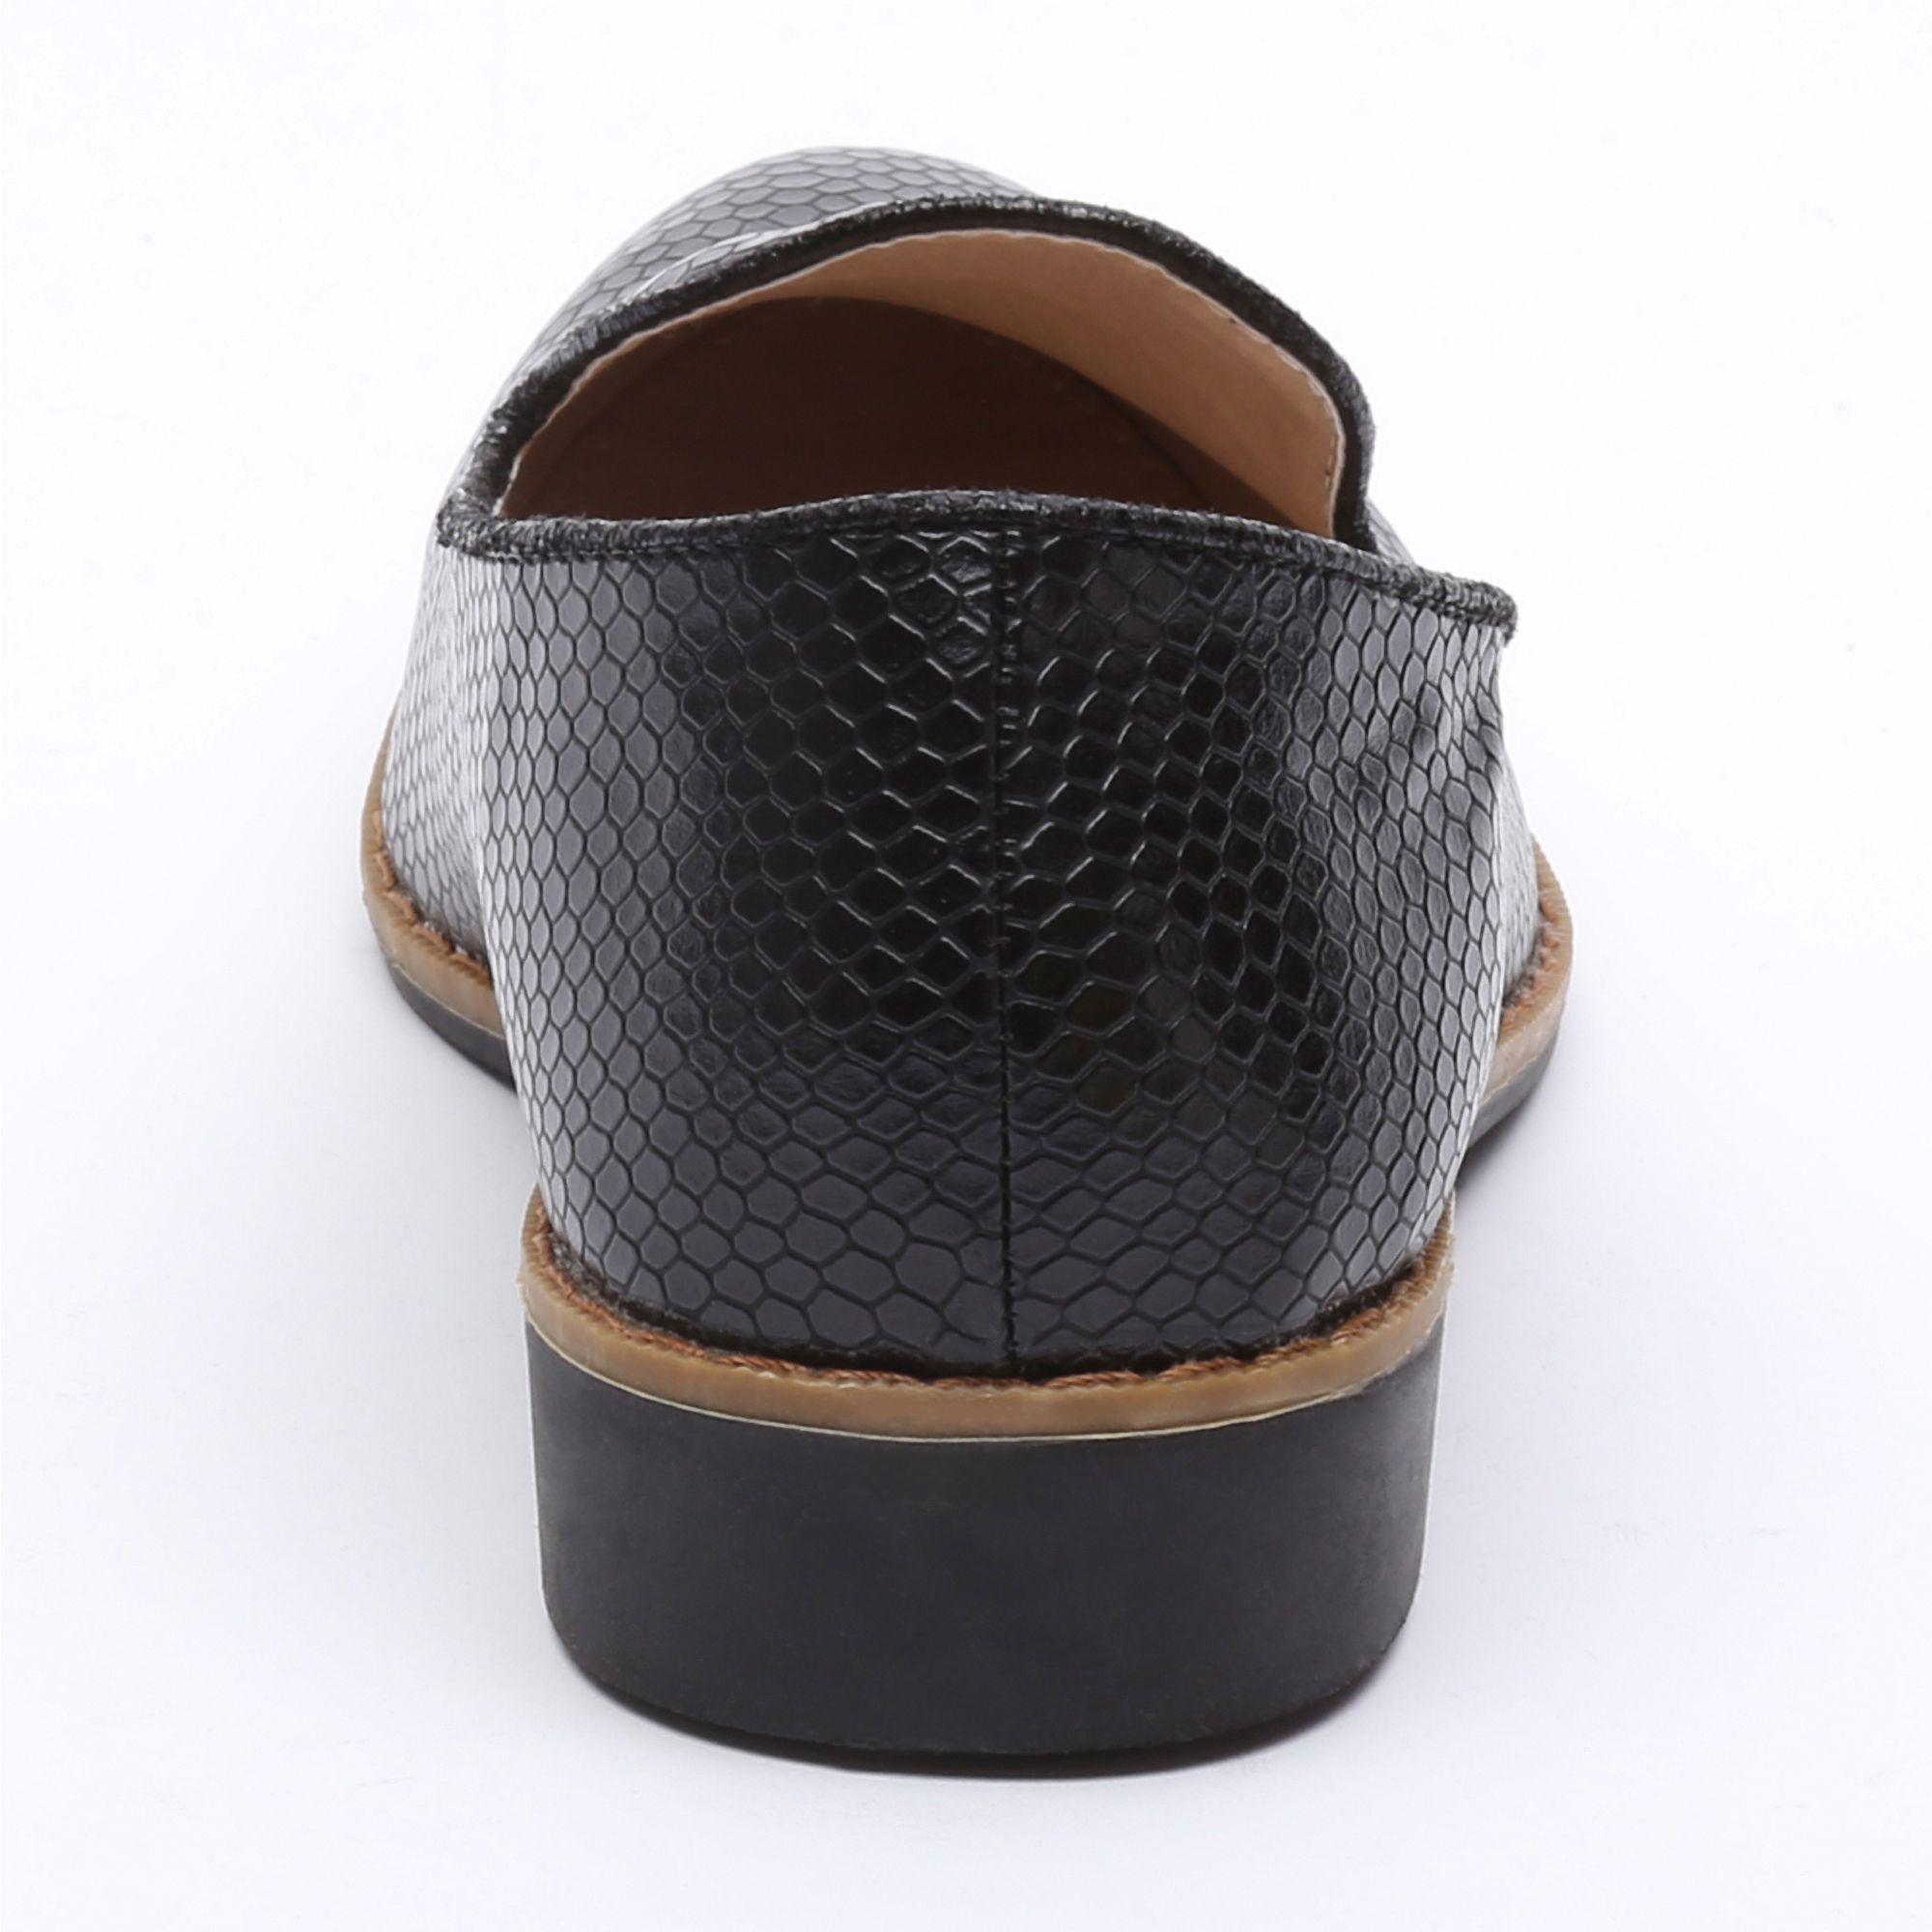 Zapato negro efecto serpiente Tutto Tempo